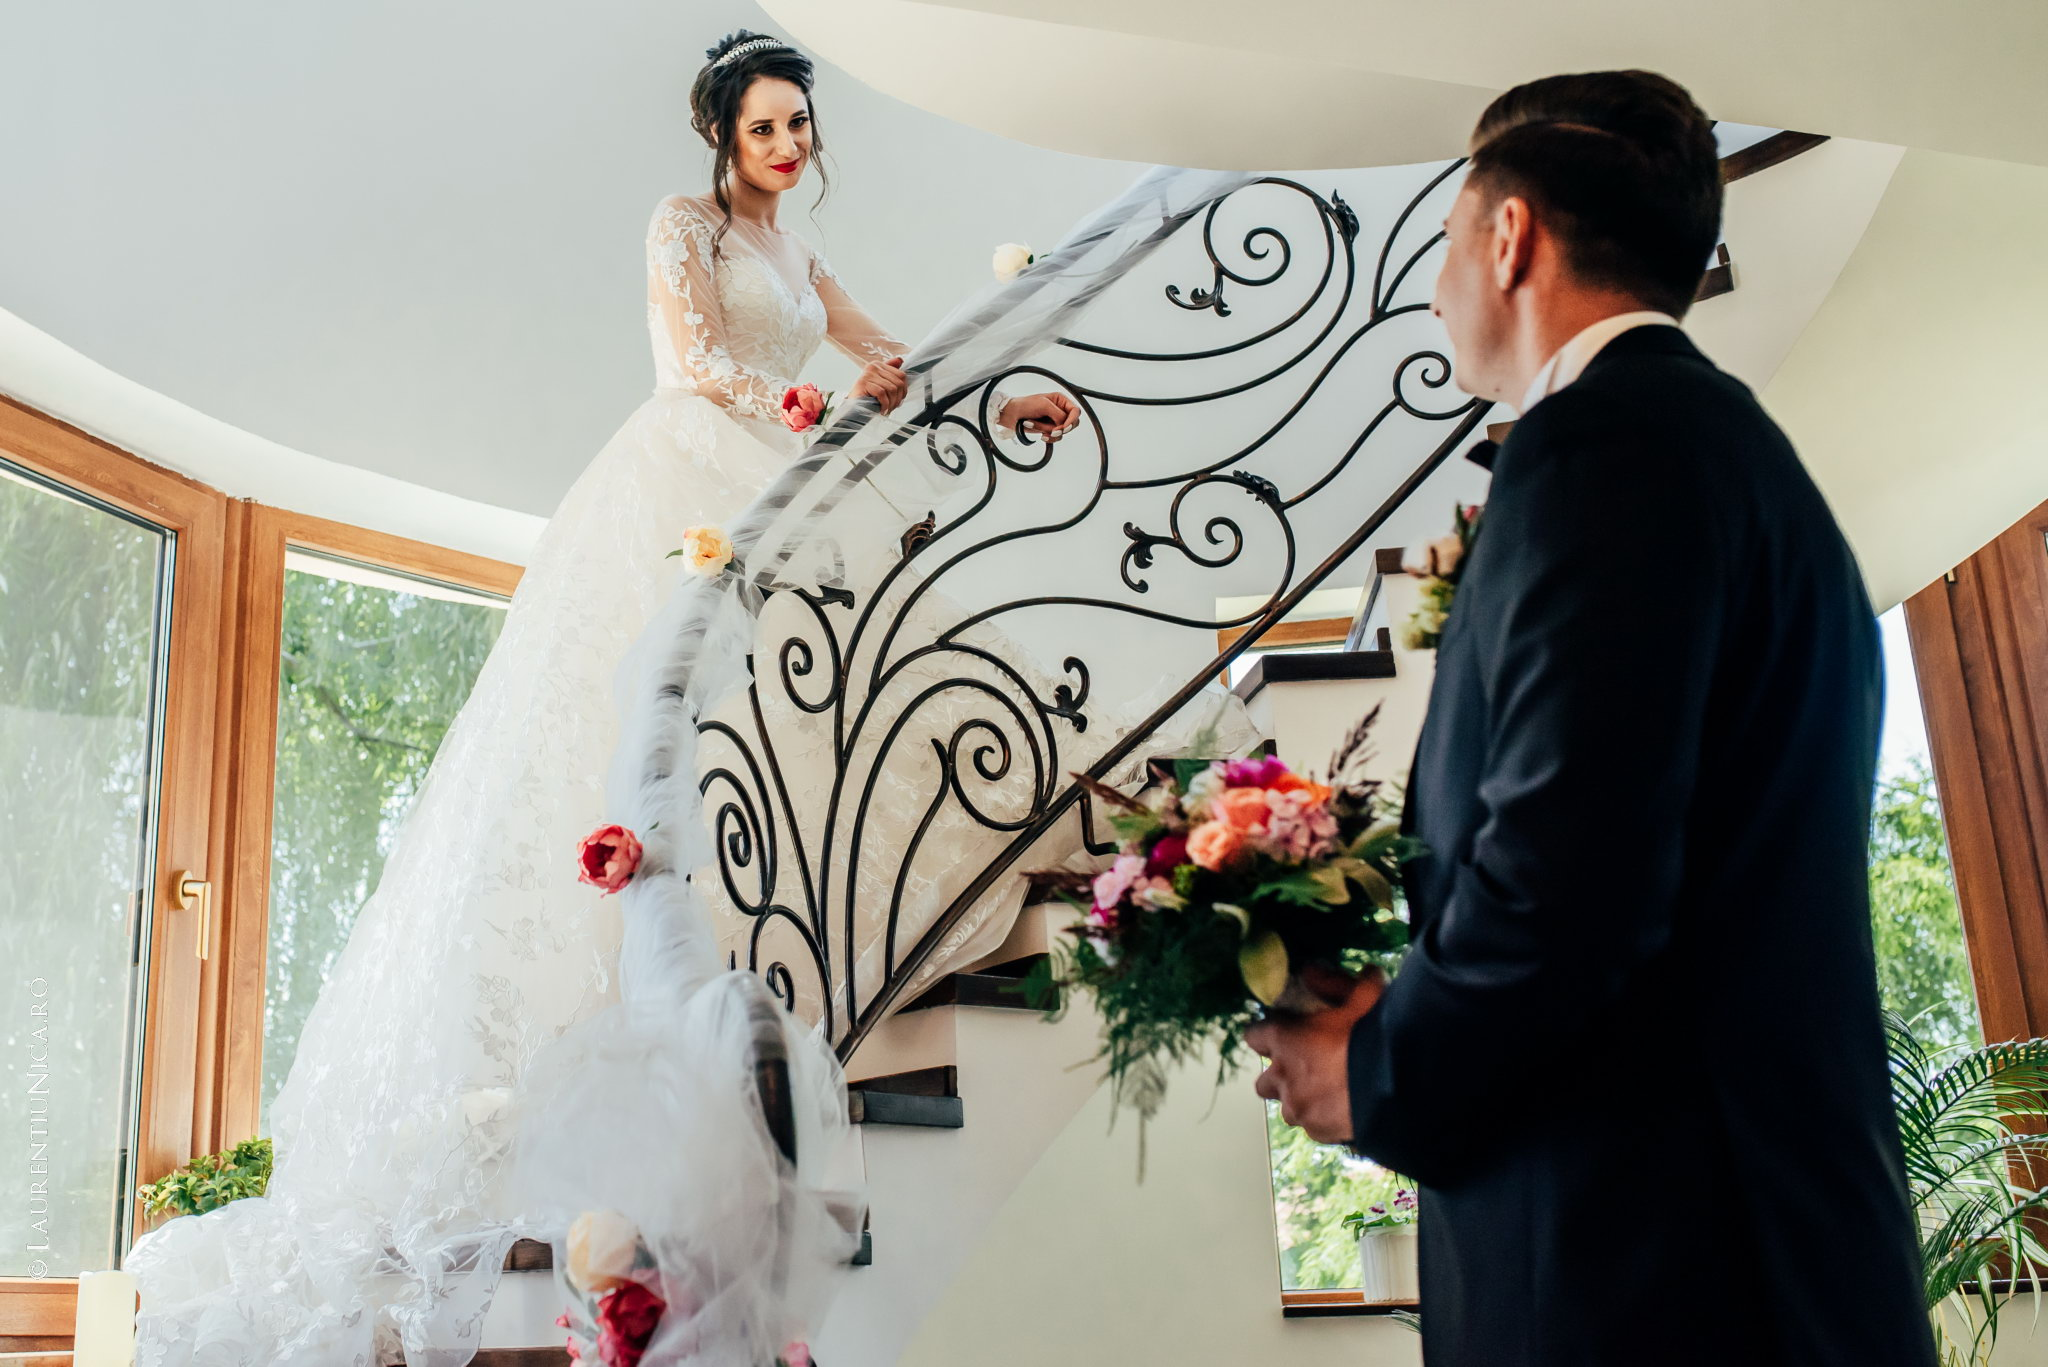 fotografii nunta denisa si florin craiova 14 - Denisa & Florin | Fotografii nunta | Craiova